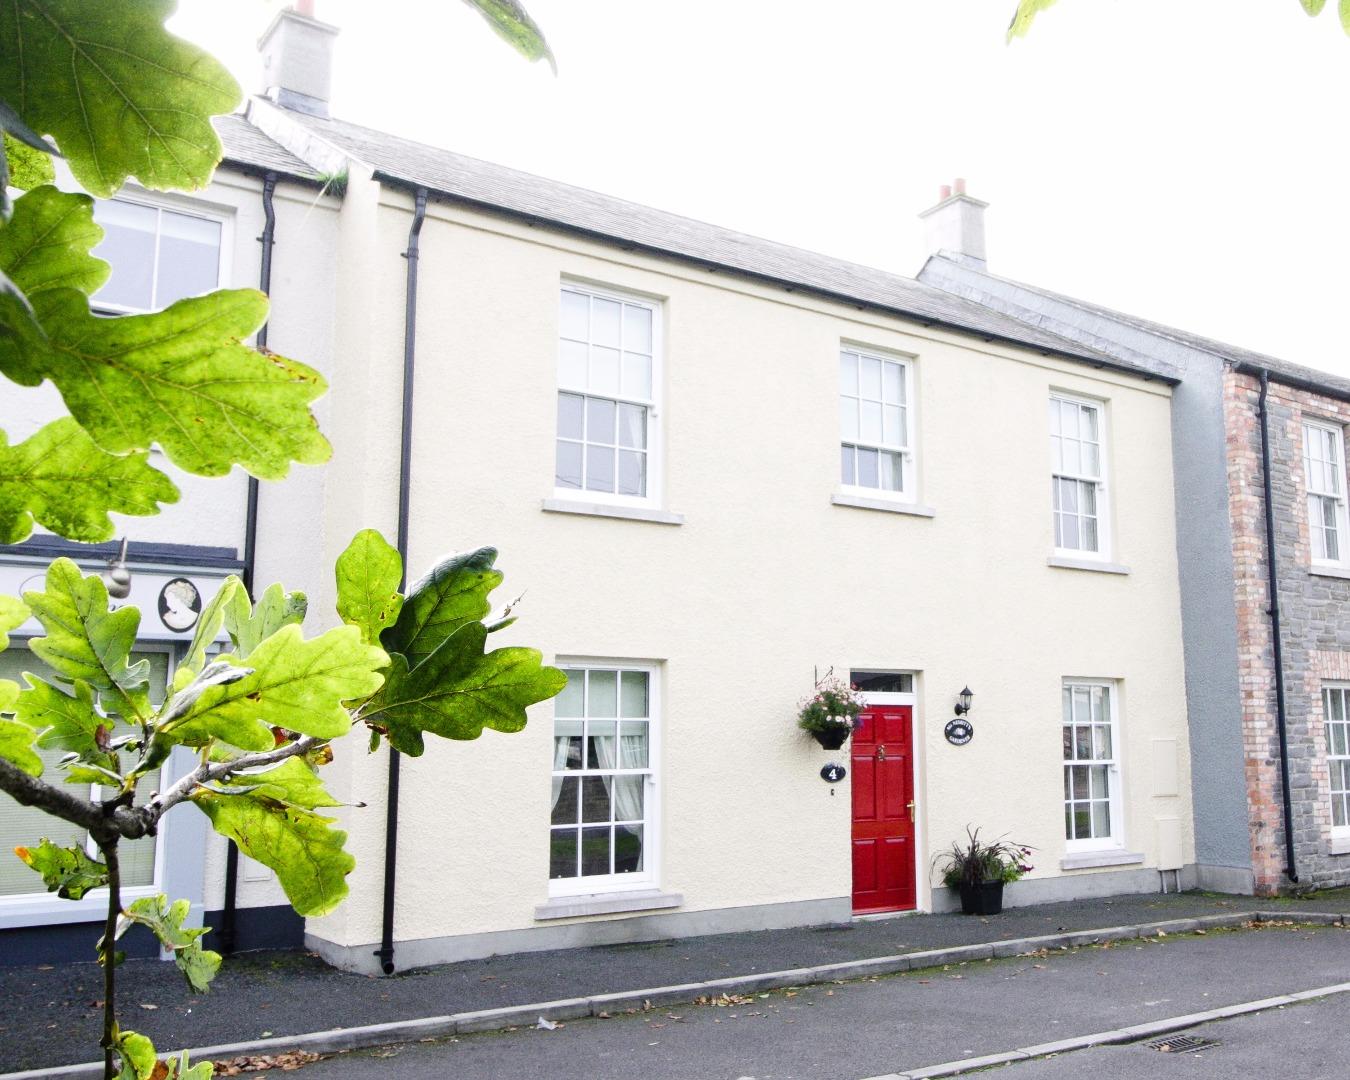 4 bed Terraced for sale on 'Mr. Nesbitt's Gardener', No.4 Main Street, Glaslough, Co. Monaghan - Property Image 1